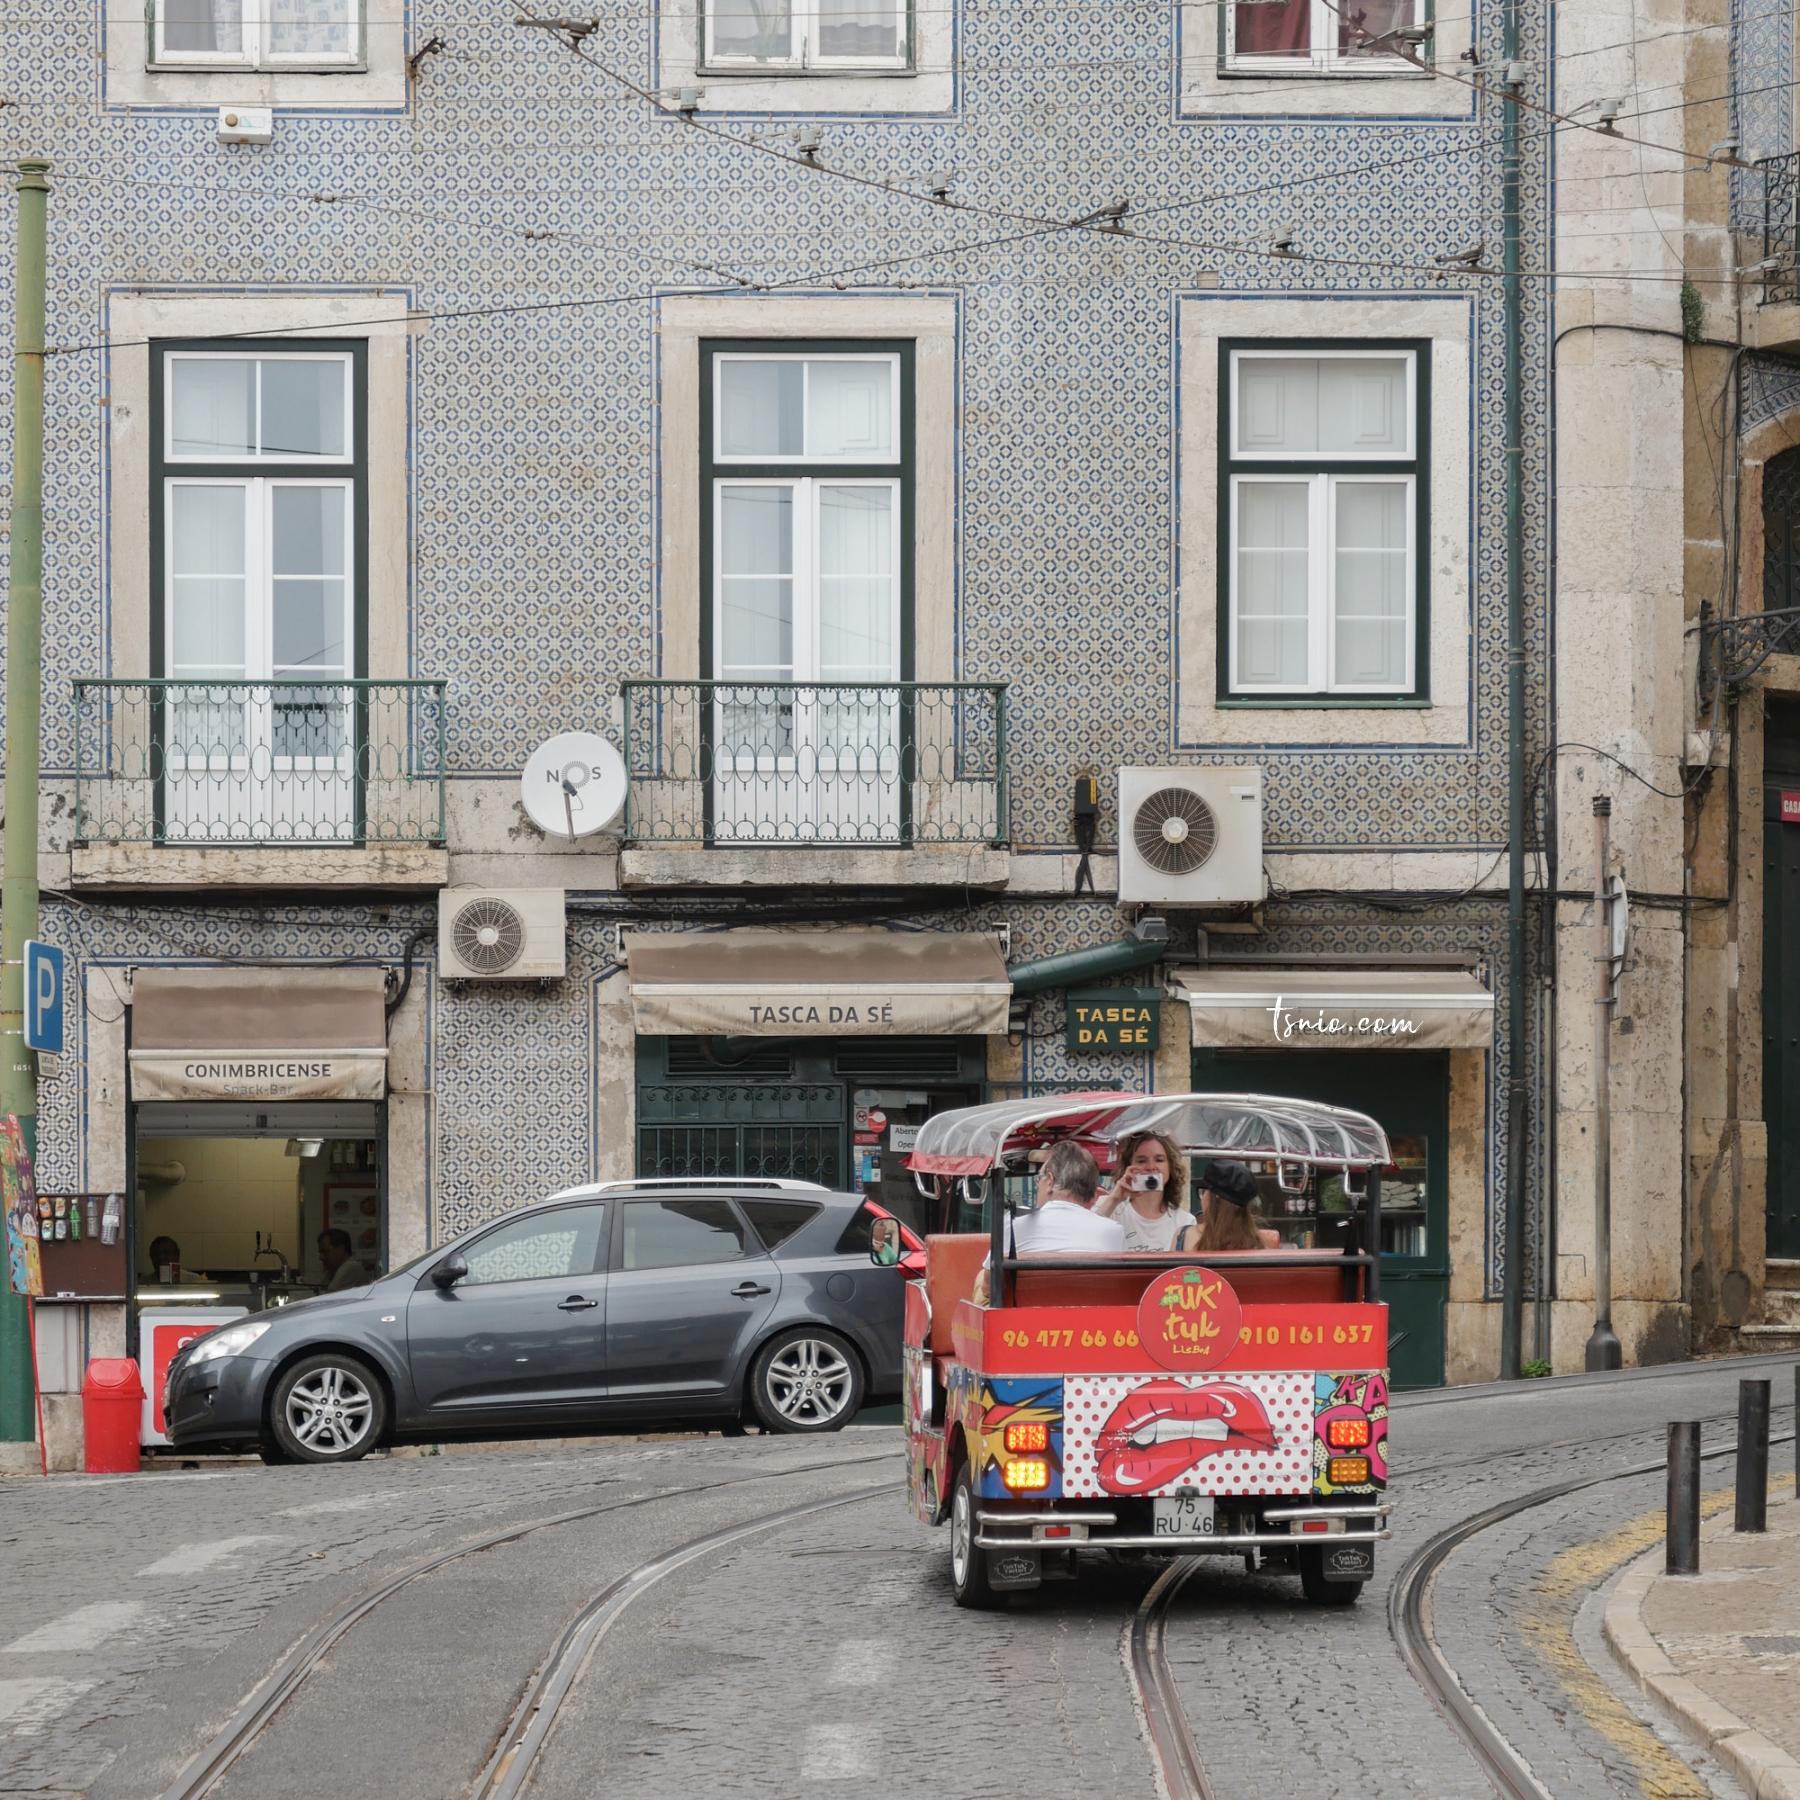 葡萄牙里斯本景點 里斯本主教座堂 Sé de Lisboa 黃色叮叮車與教堂的相遇